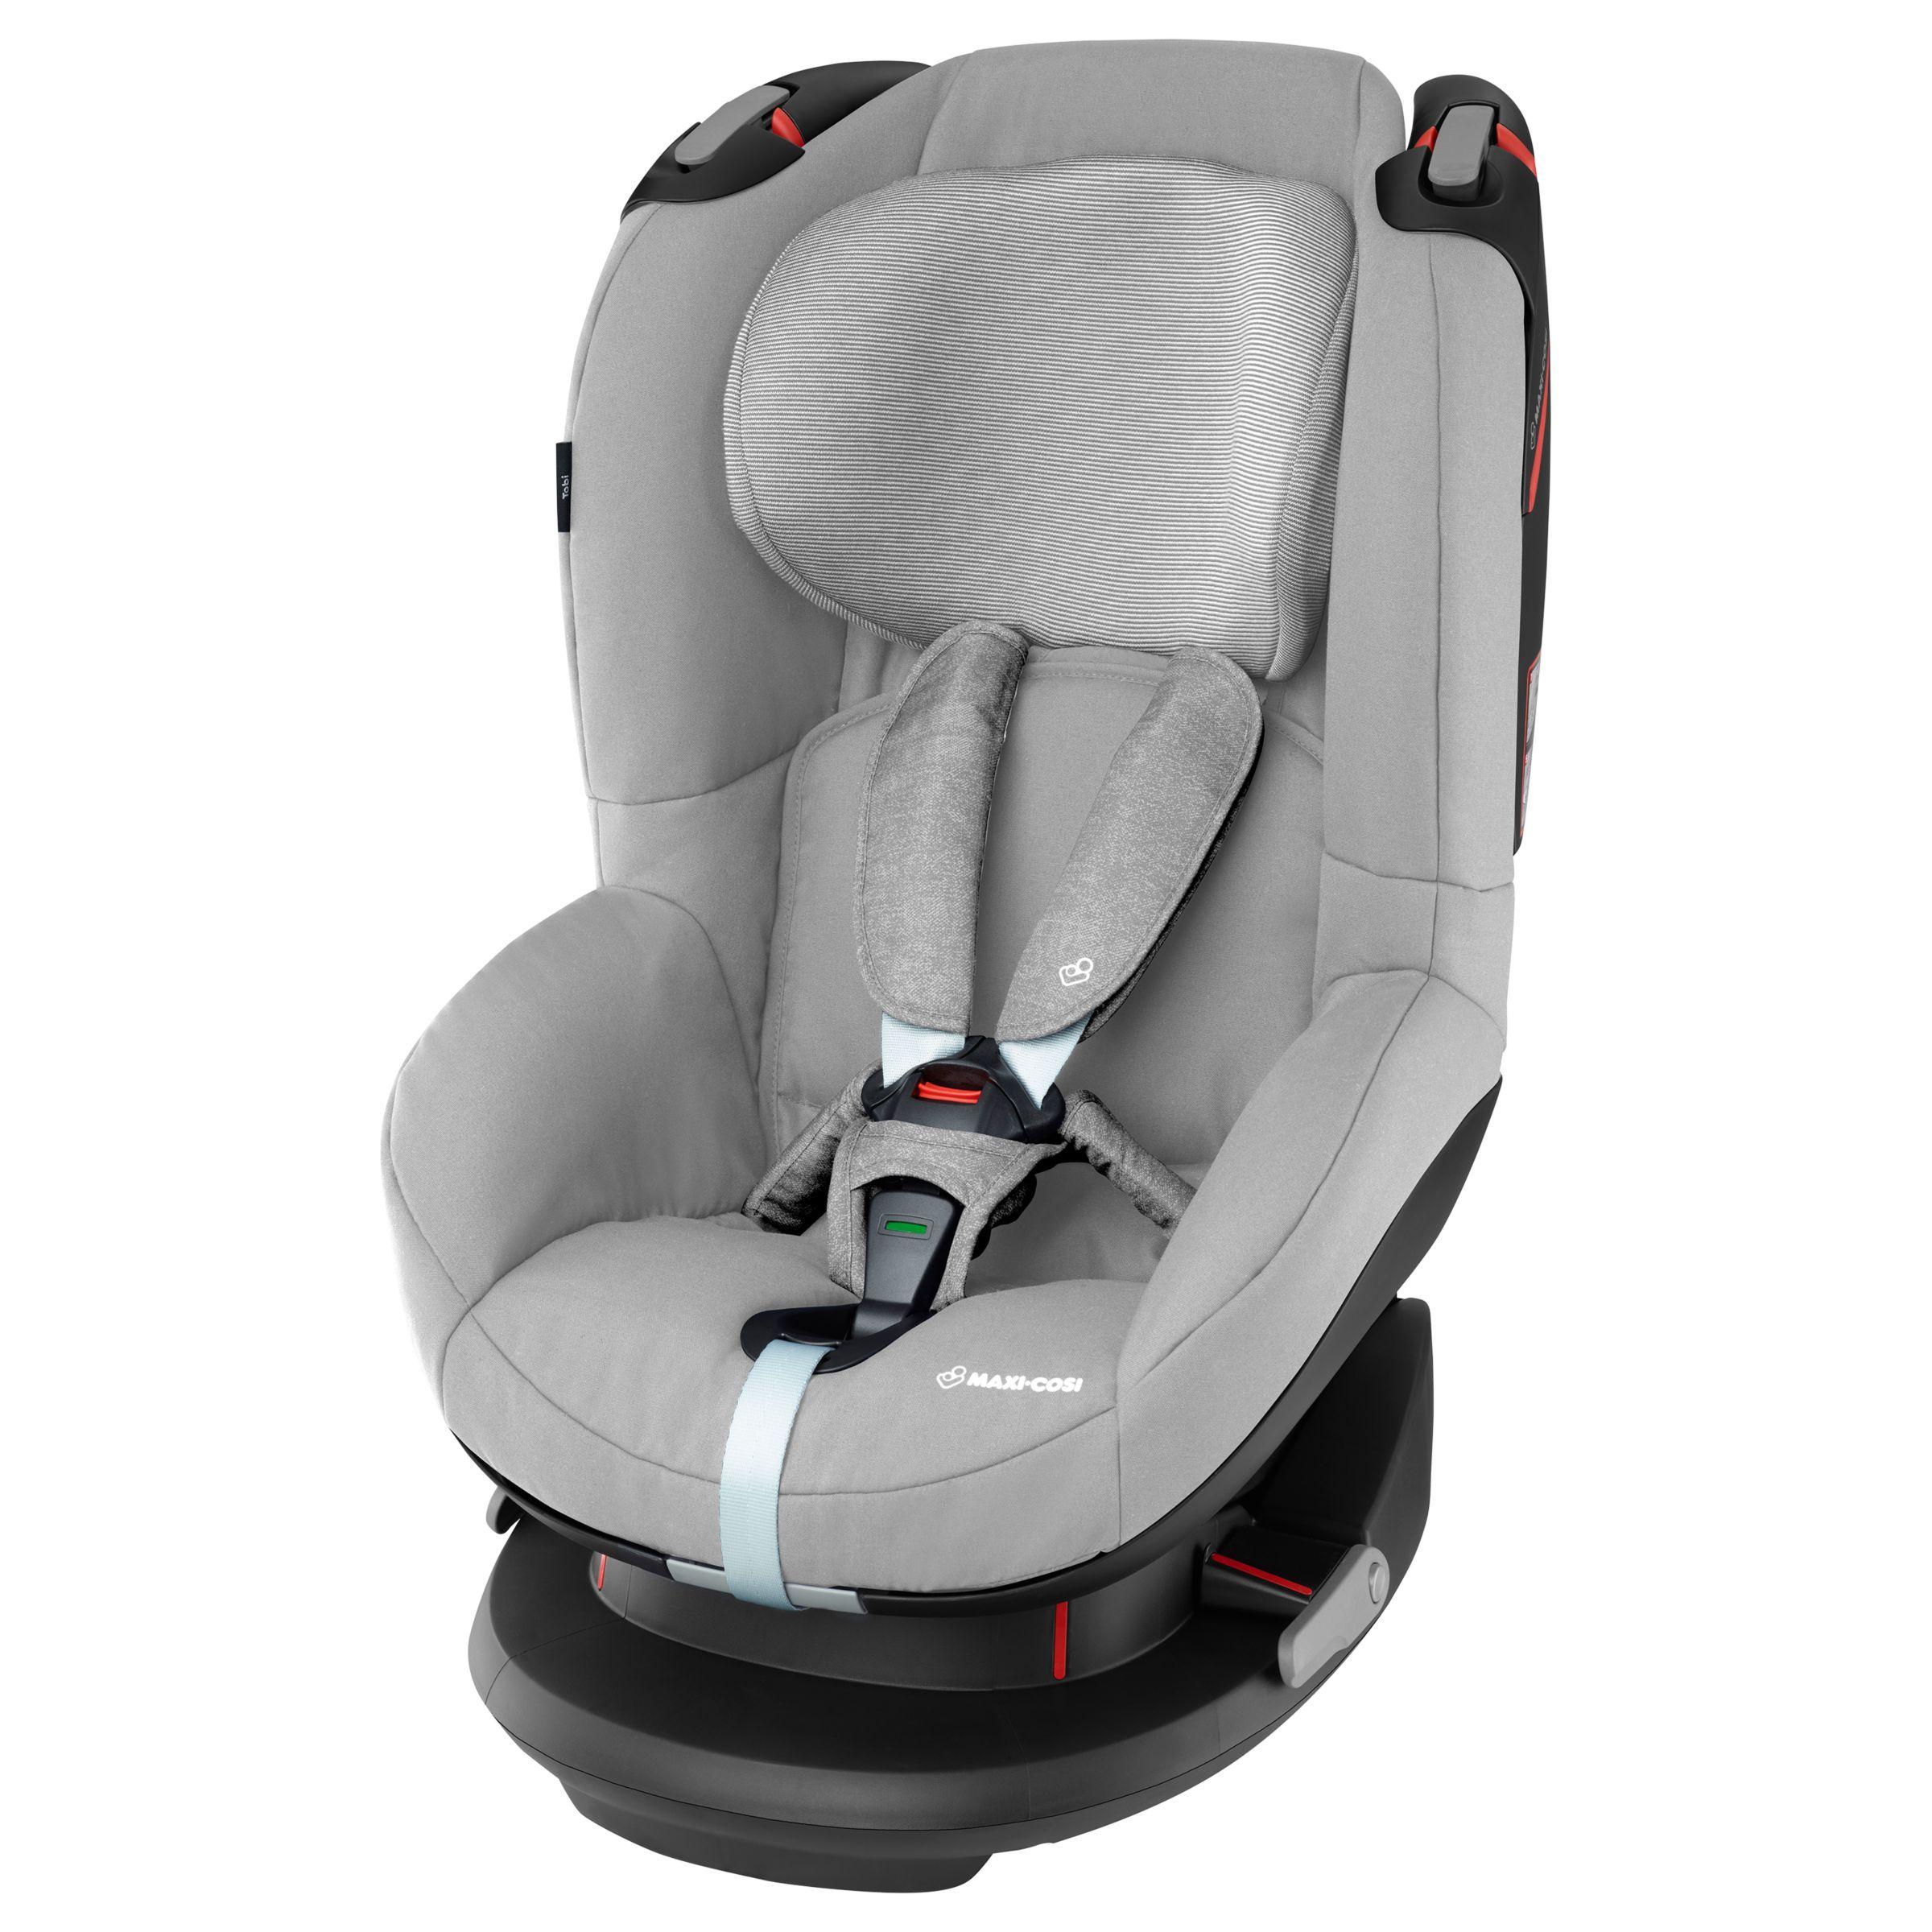 Maxi Cosi Tobi Group 1 Car Seat Nomad Grey Car Seats Baby Car Seats Car